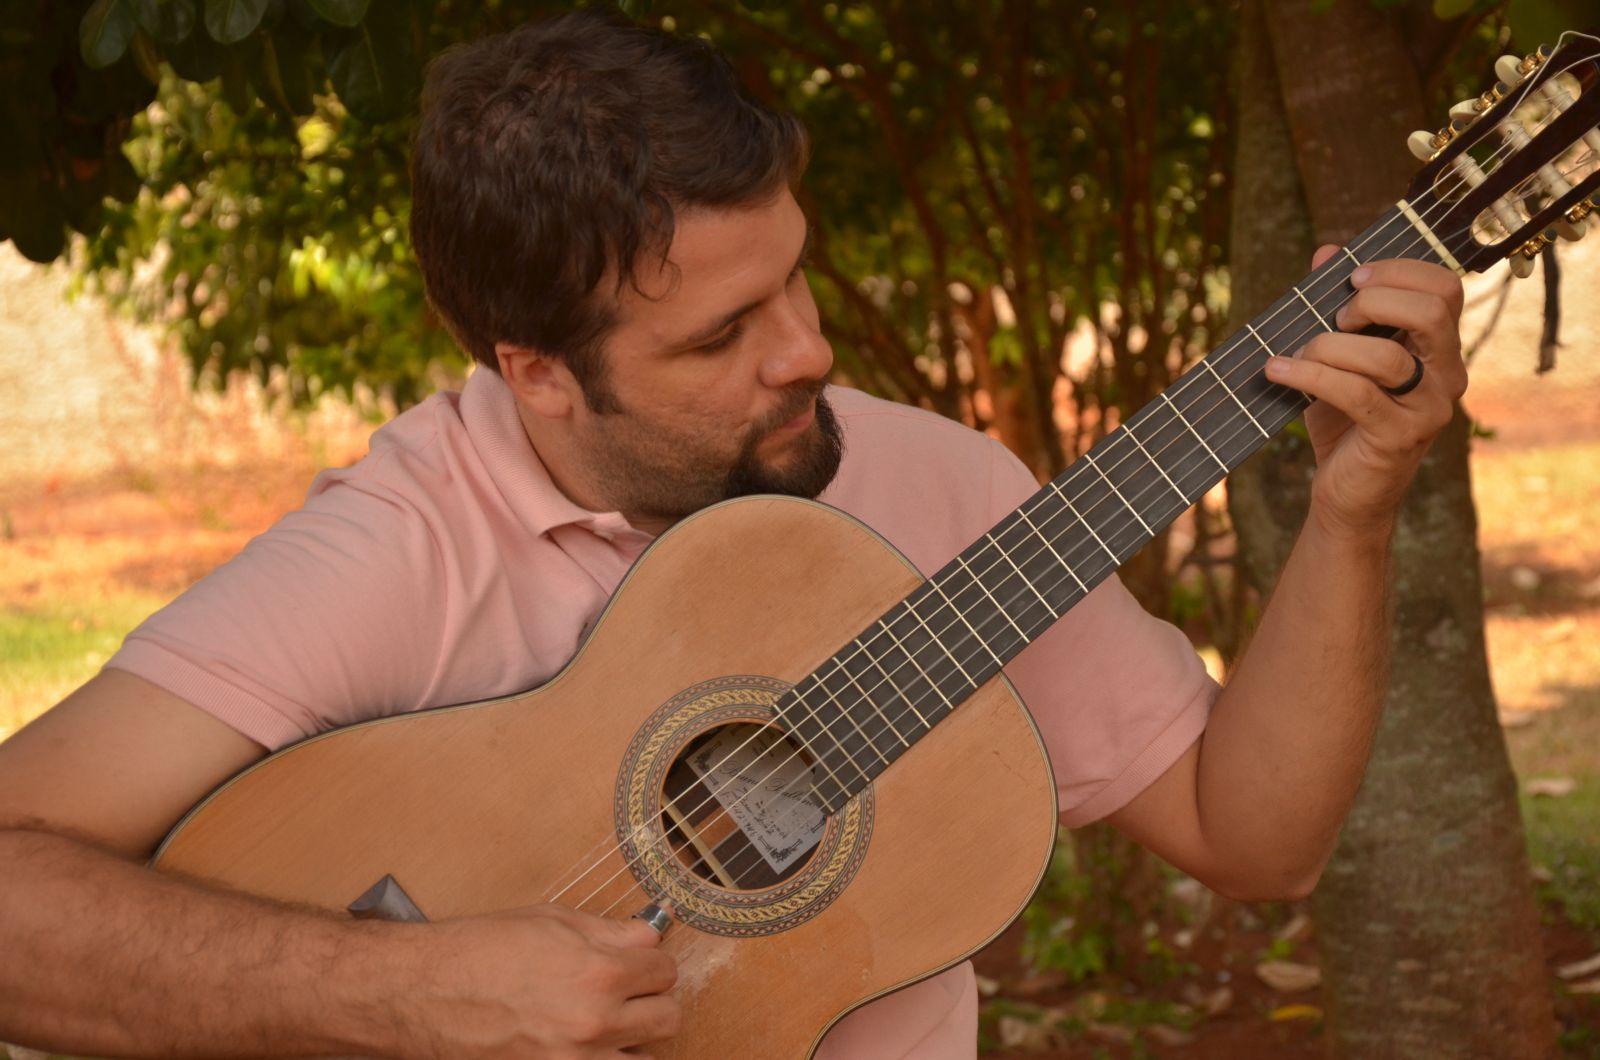 Importância do violão no choro é tema de seminário virtual nesta segunda (12/07) - foto Lucas de Campos